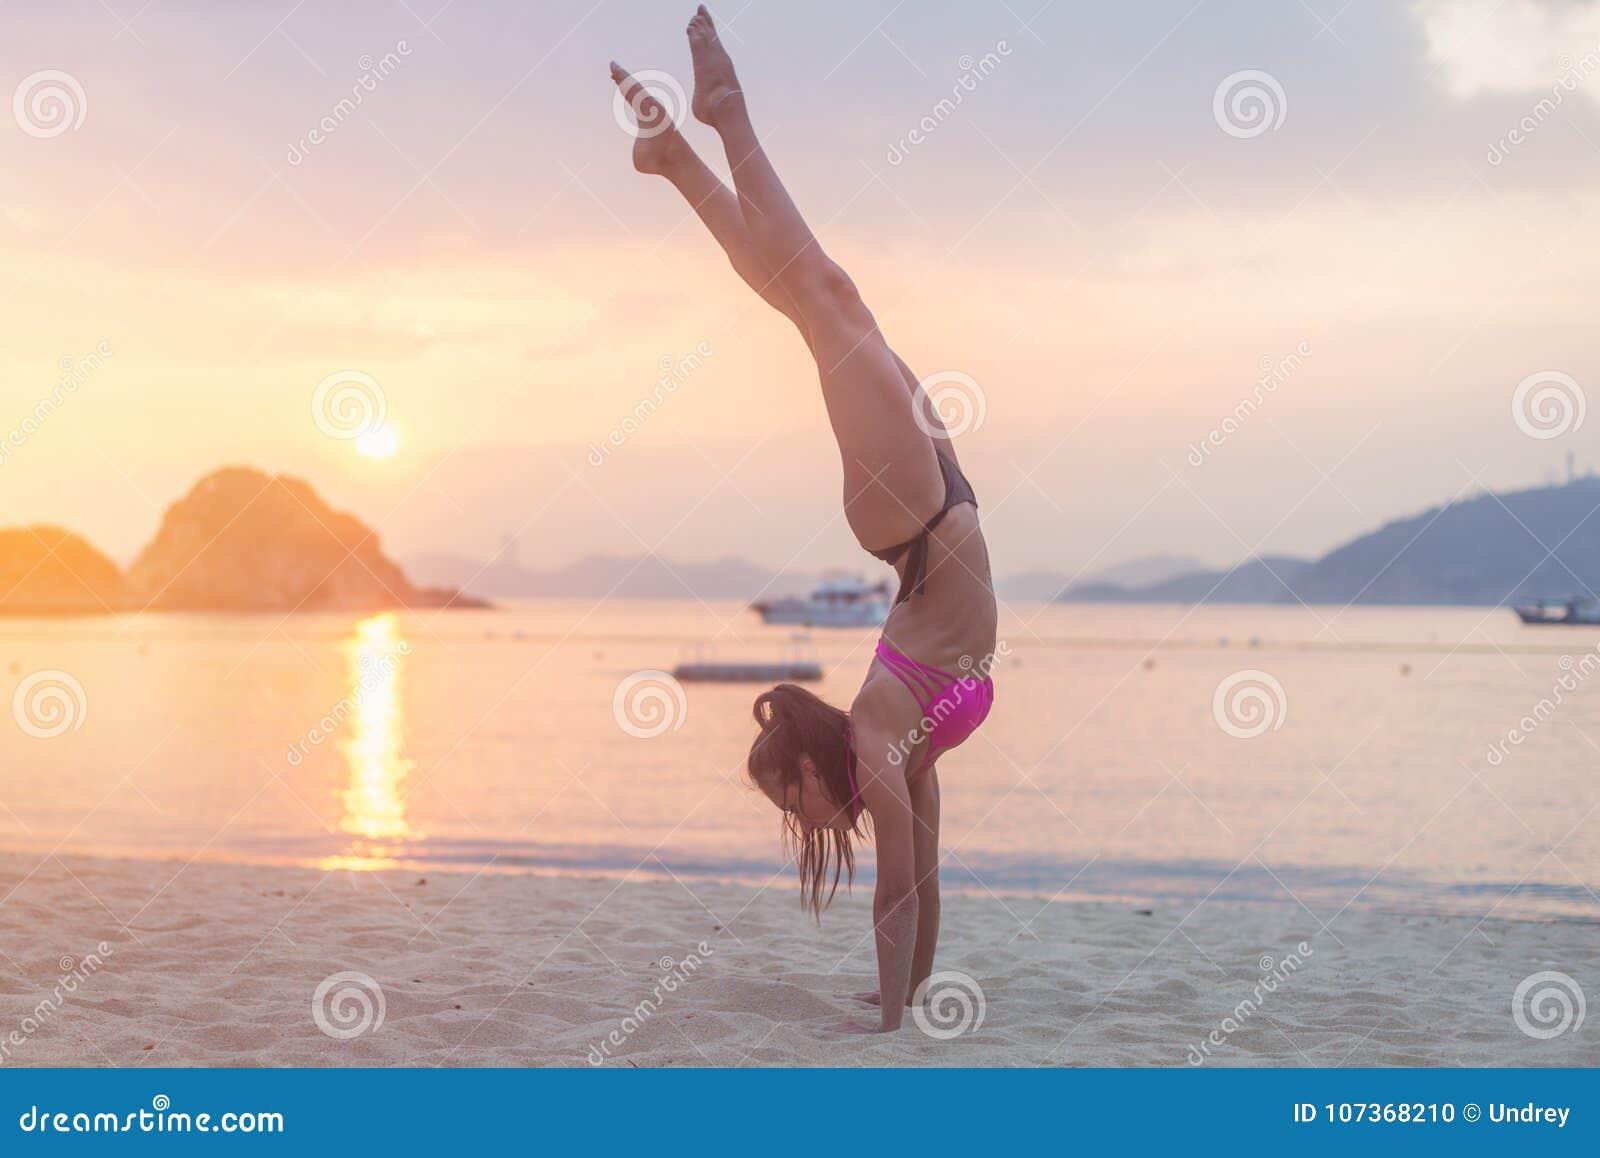 Młoda sprawności fizycznej kobieta robi handstand ćwiczeniu na plaży przy wschodem słońca Sporty dziewczyna w bikini joga ćwiczy